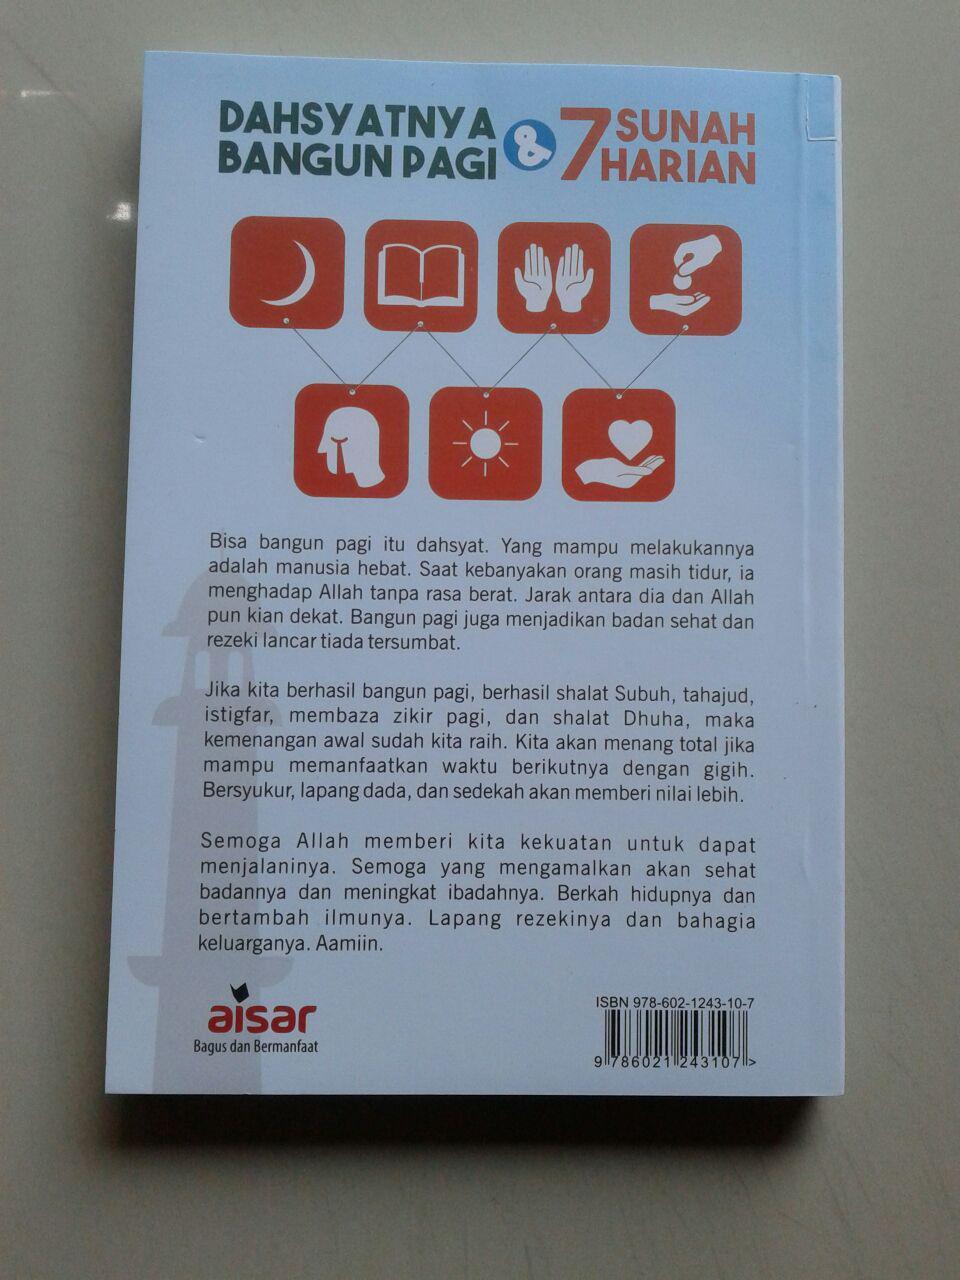 Buku Dahsyatnya Bangun Pagi & 7 Sunnah Harian cover 2